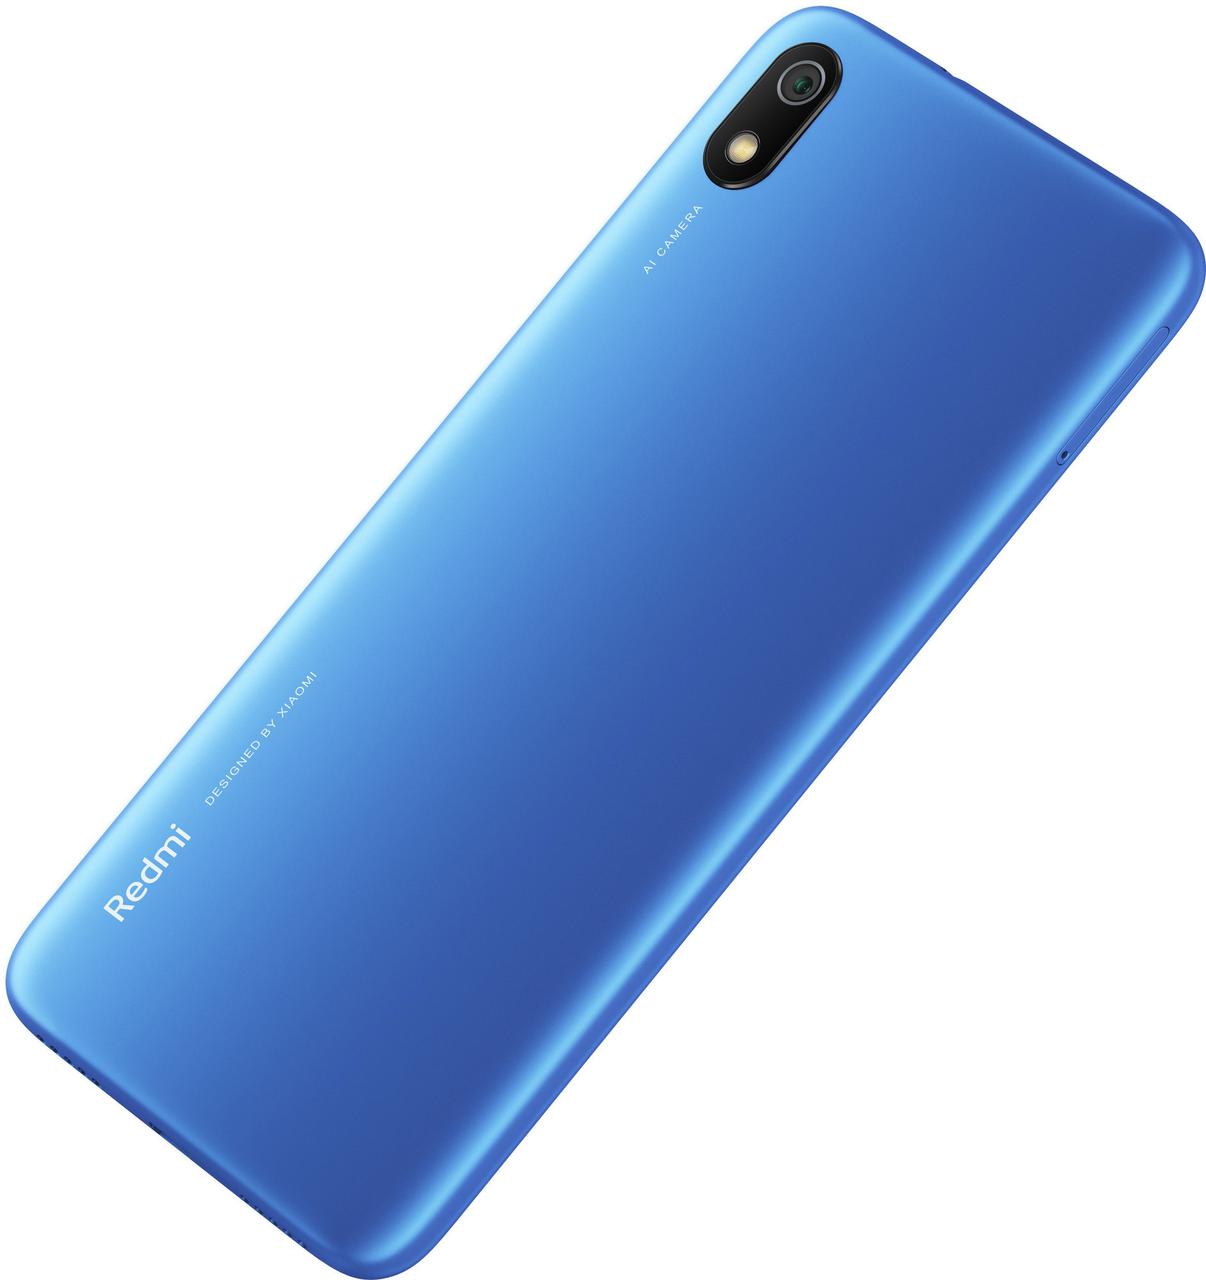 Глобальная Версия Xiaomi Redmi 7A Синий .